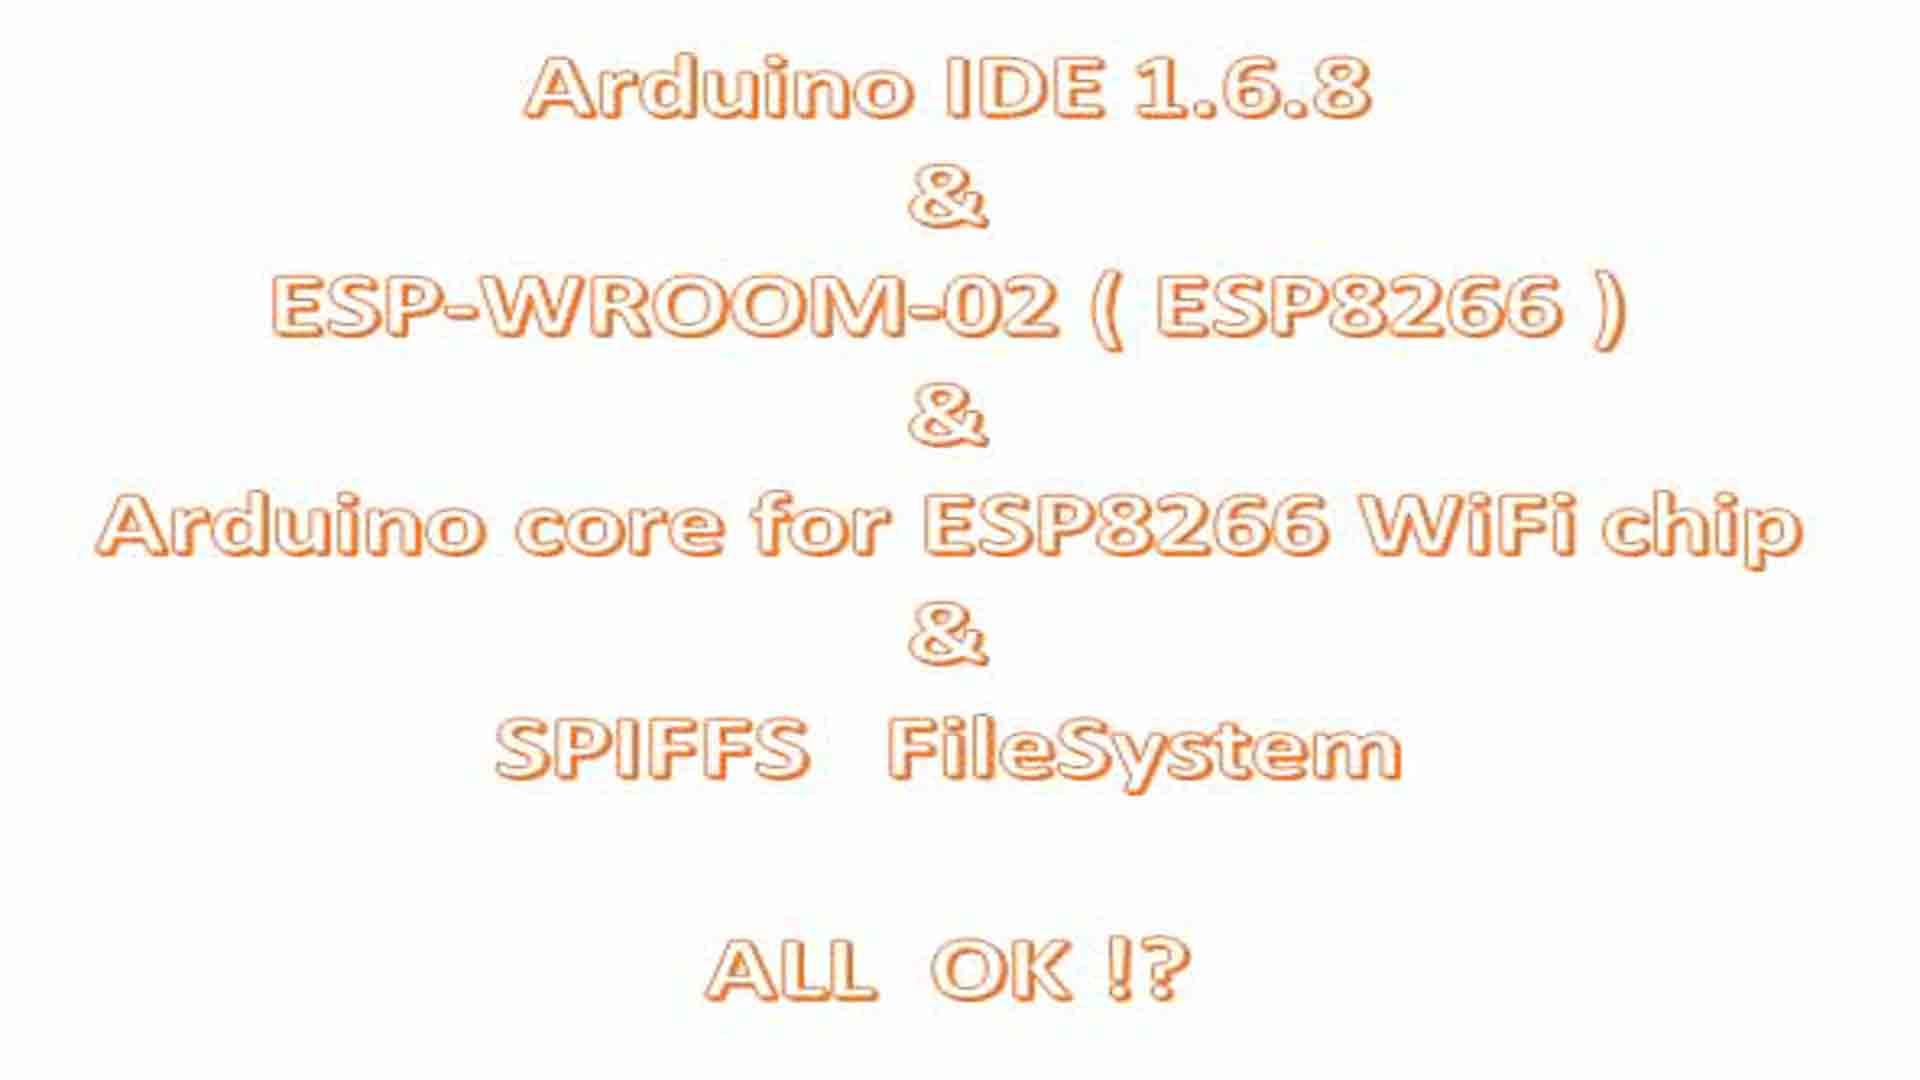 おそらく、Arduino IDE 1.6.8 で ESP-WROOM-02 開発は問題ないと思われます